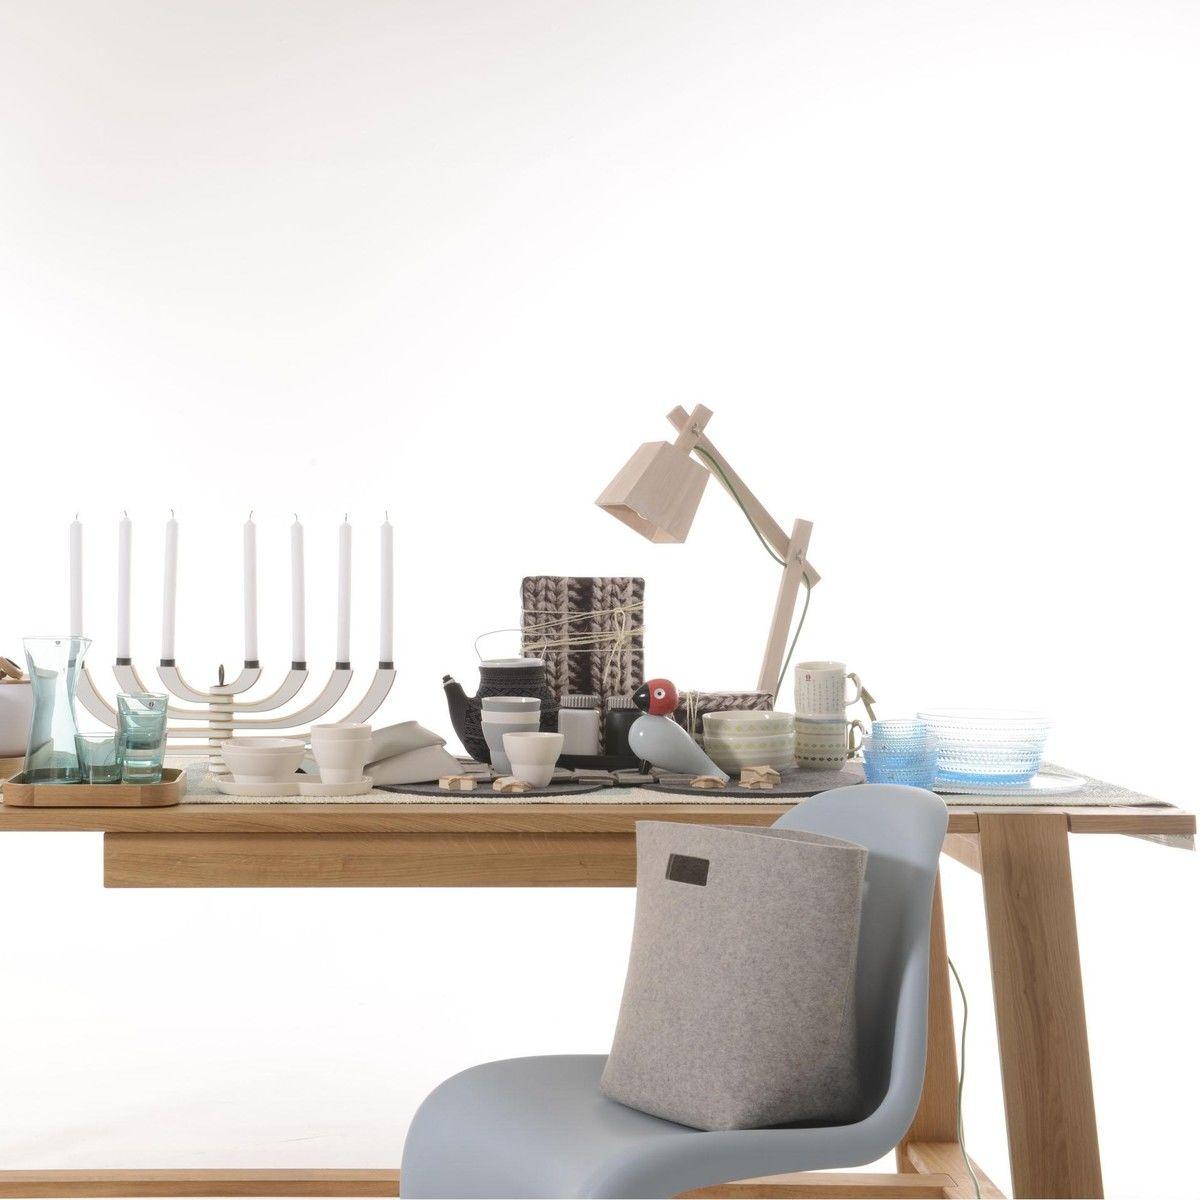 vino holztisch mit schublade adwood. Black Bedroom Furniture Sets. Home Design Ideas